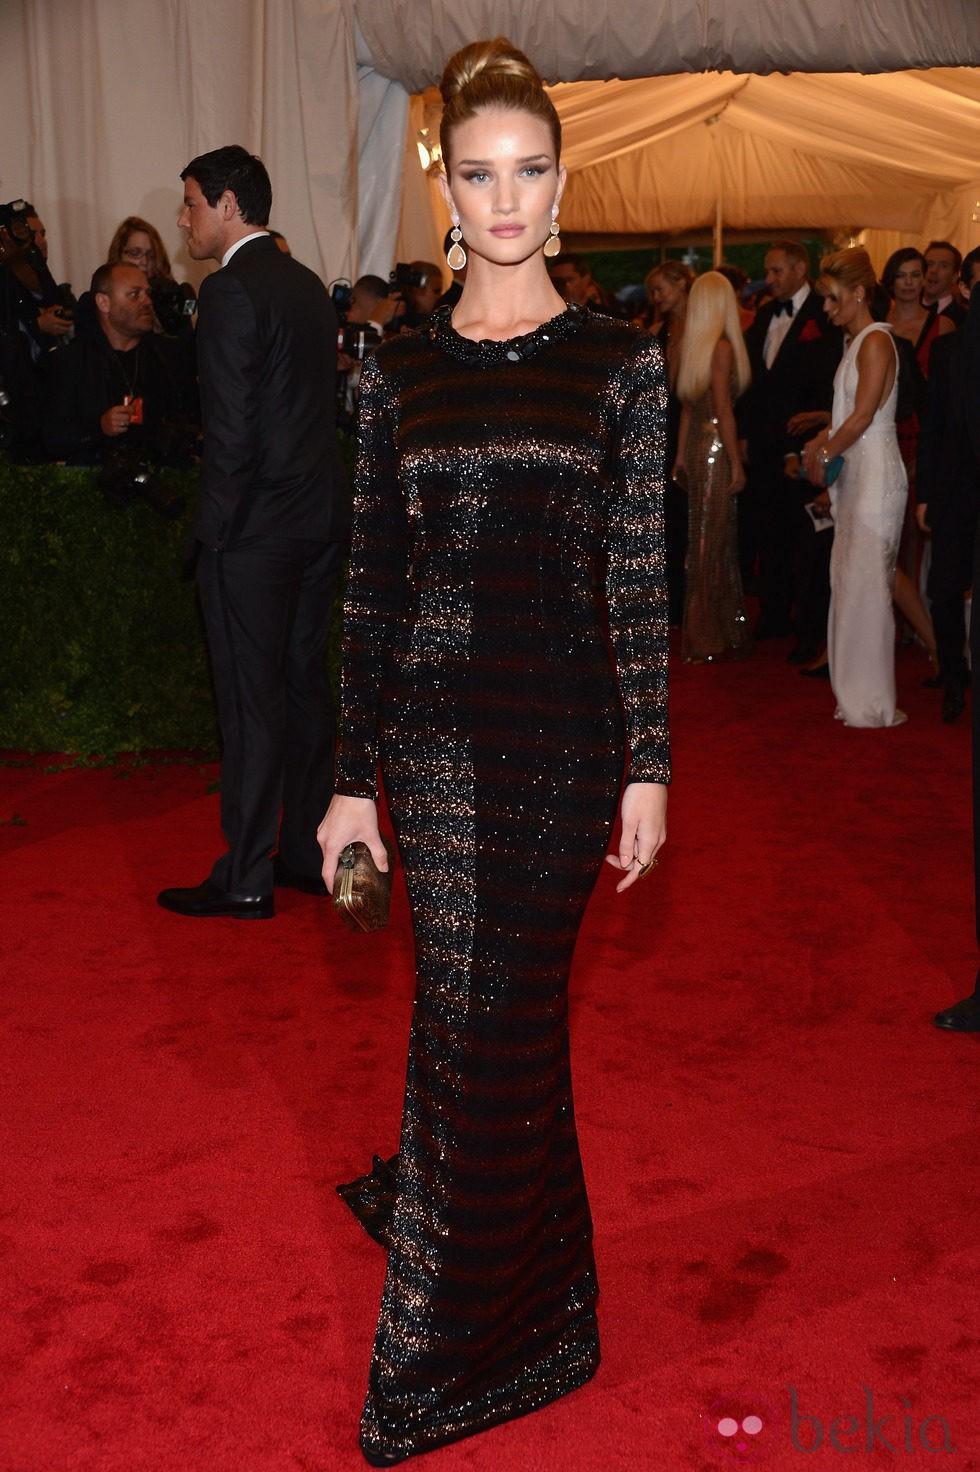 Rosie Huntington-Whiteley en la alfombra roja de la Gala del MET 2012